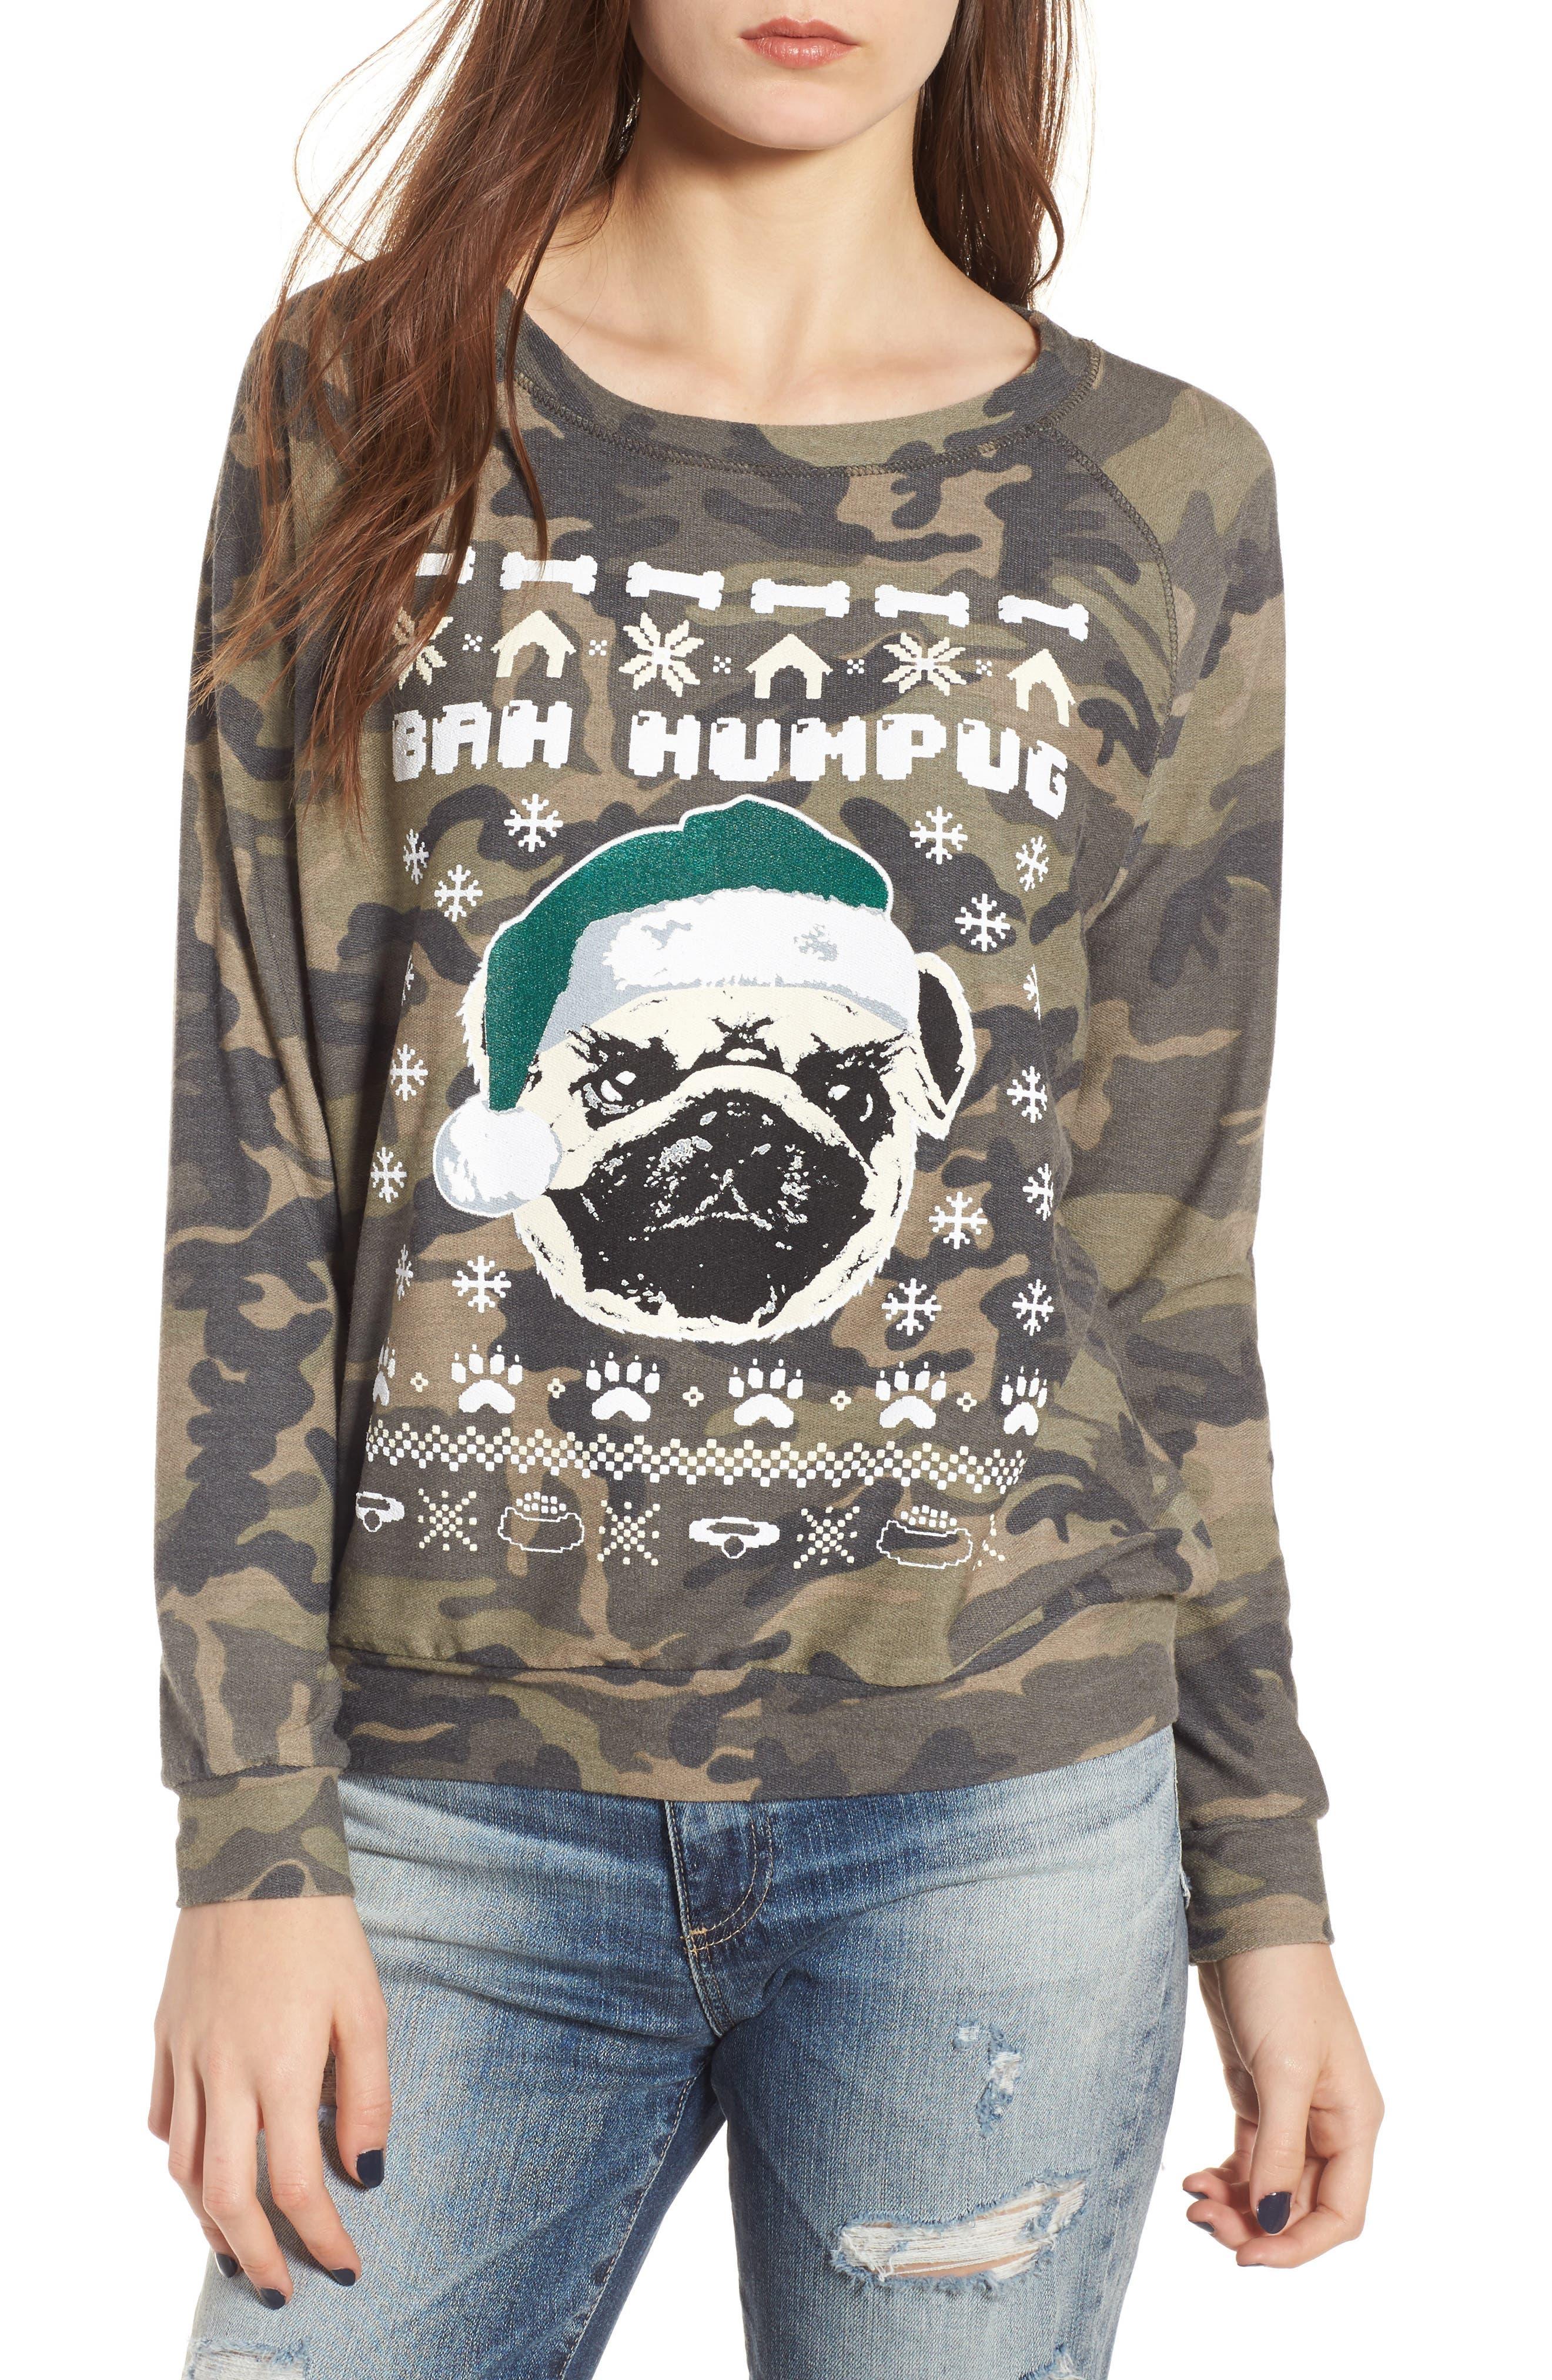 Bah Humpug Sweatshirt,                         Main,                         color, 300